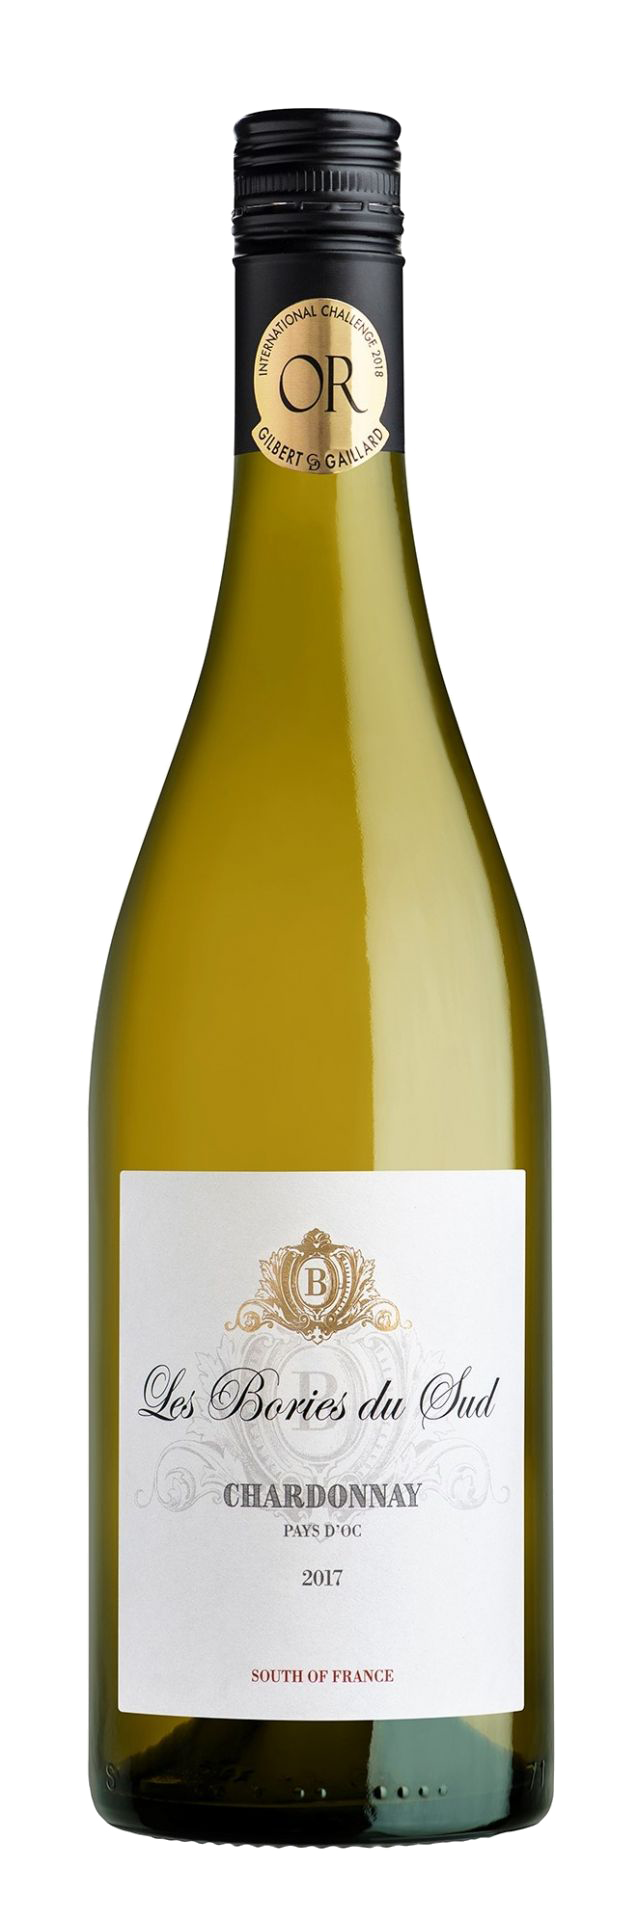 Chardonnay IGP Les Bories du Sud